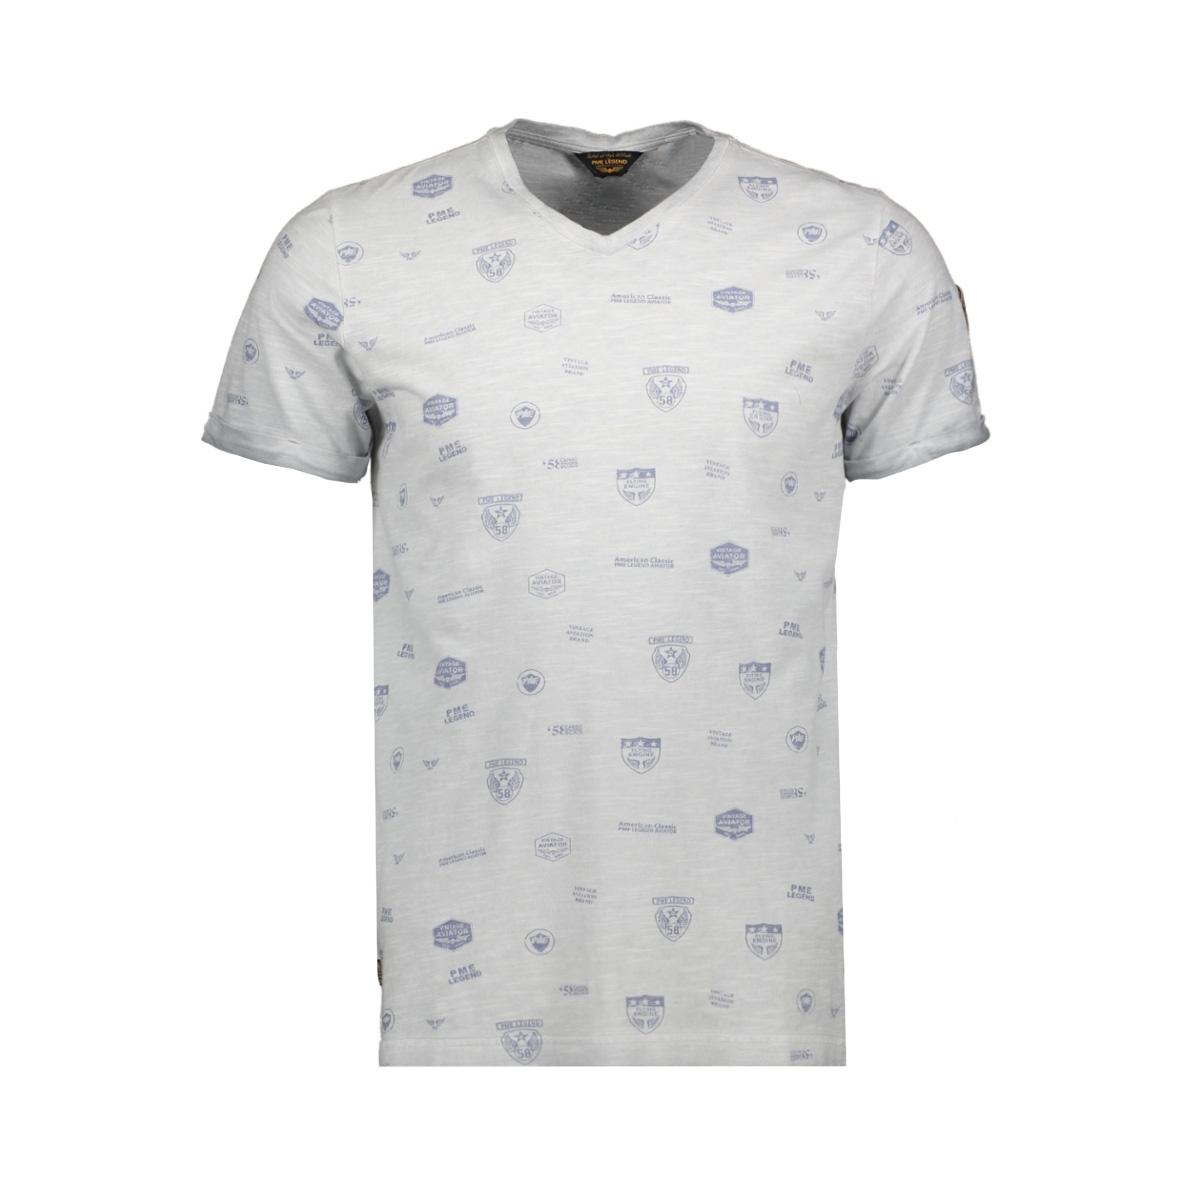 shortsleeve t shirt ptss194542 pme legend t-shirt 7003